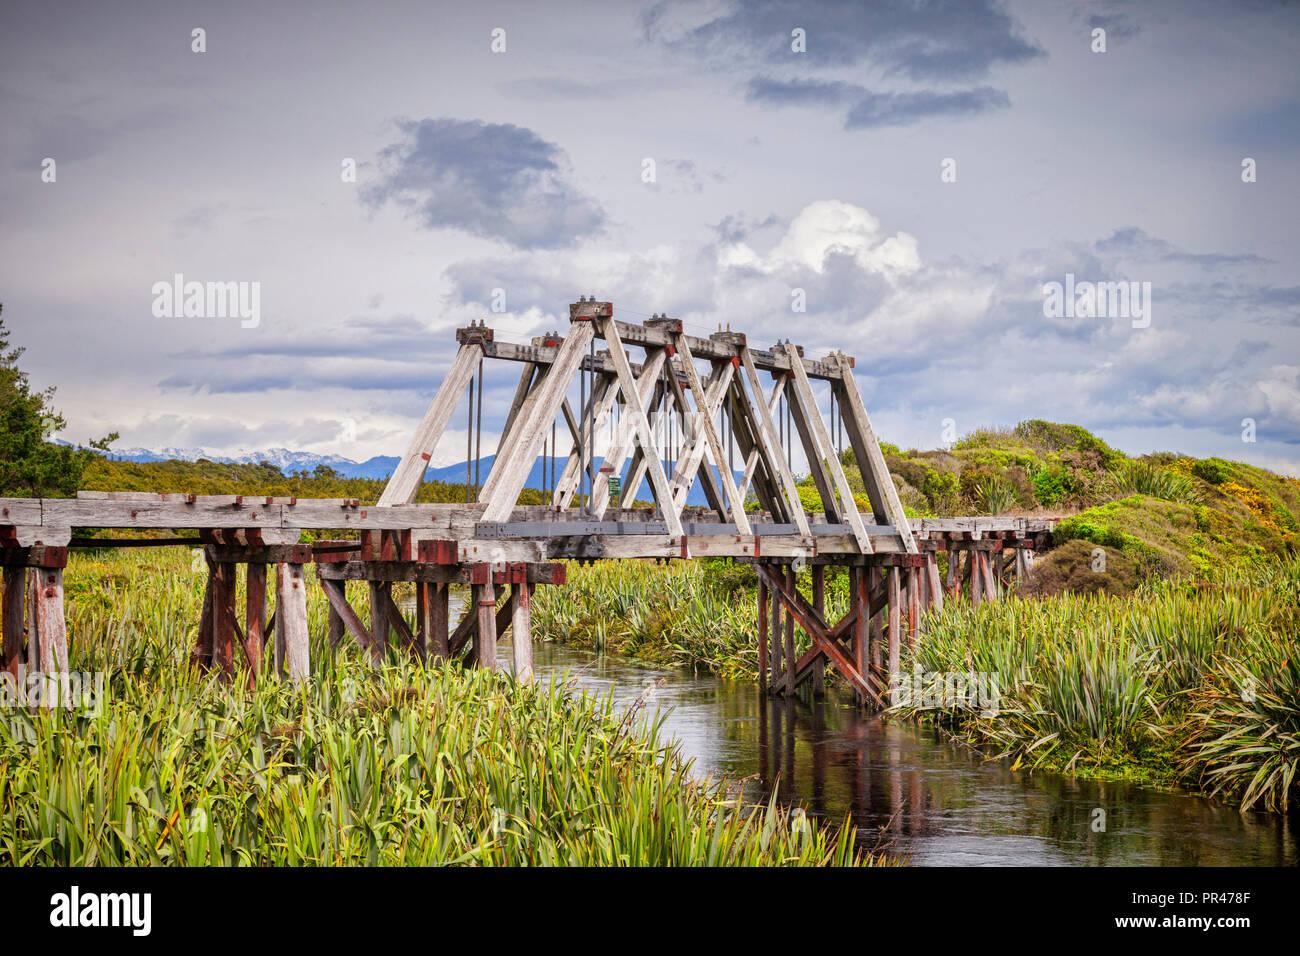 Il legno in disuso Railway Bridge crossing Mahinapua Creek vicino a Hokitika sul'Isola Sud della Nuova Zelanda West Coast. Immagini Stock